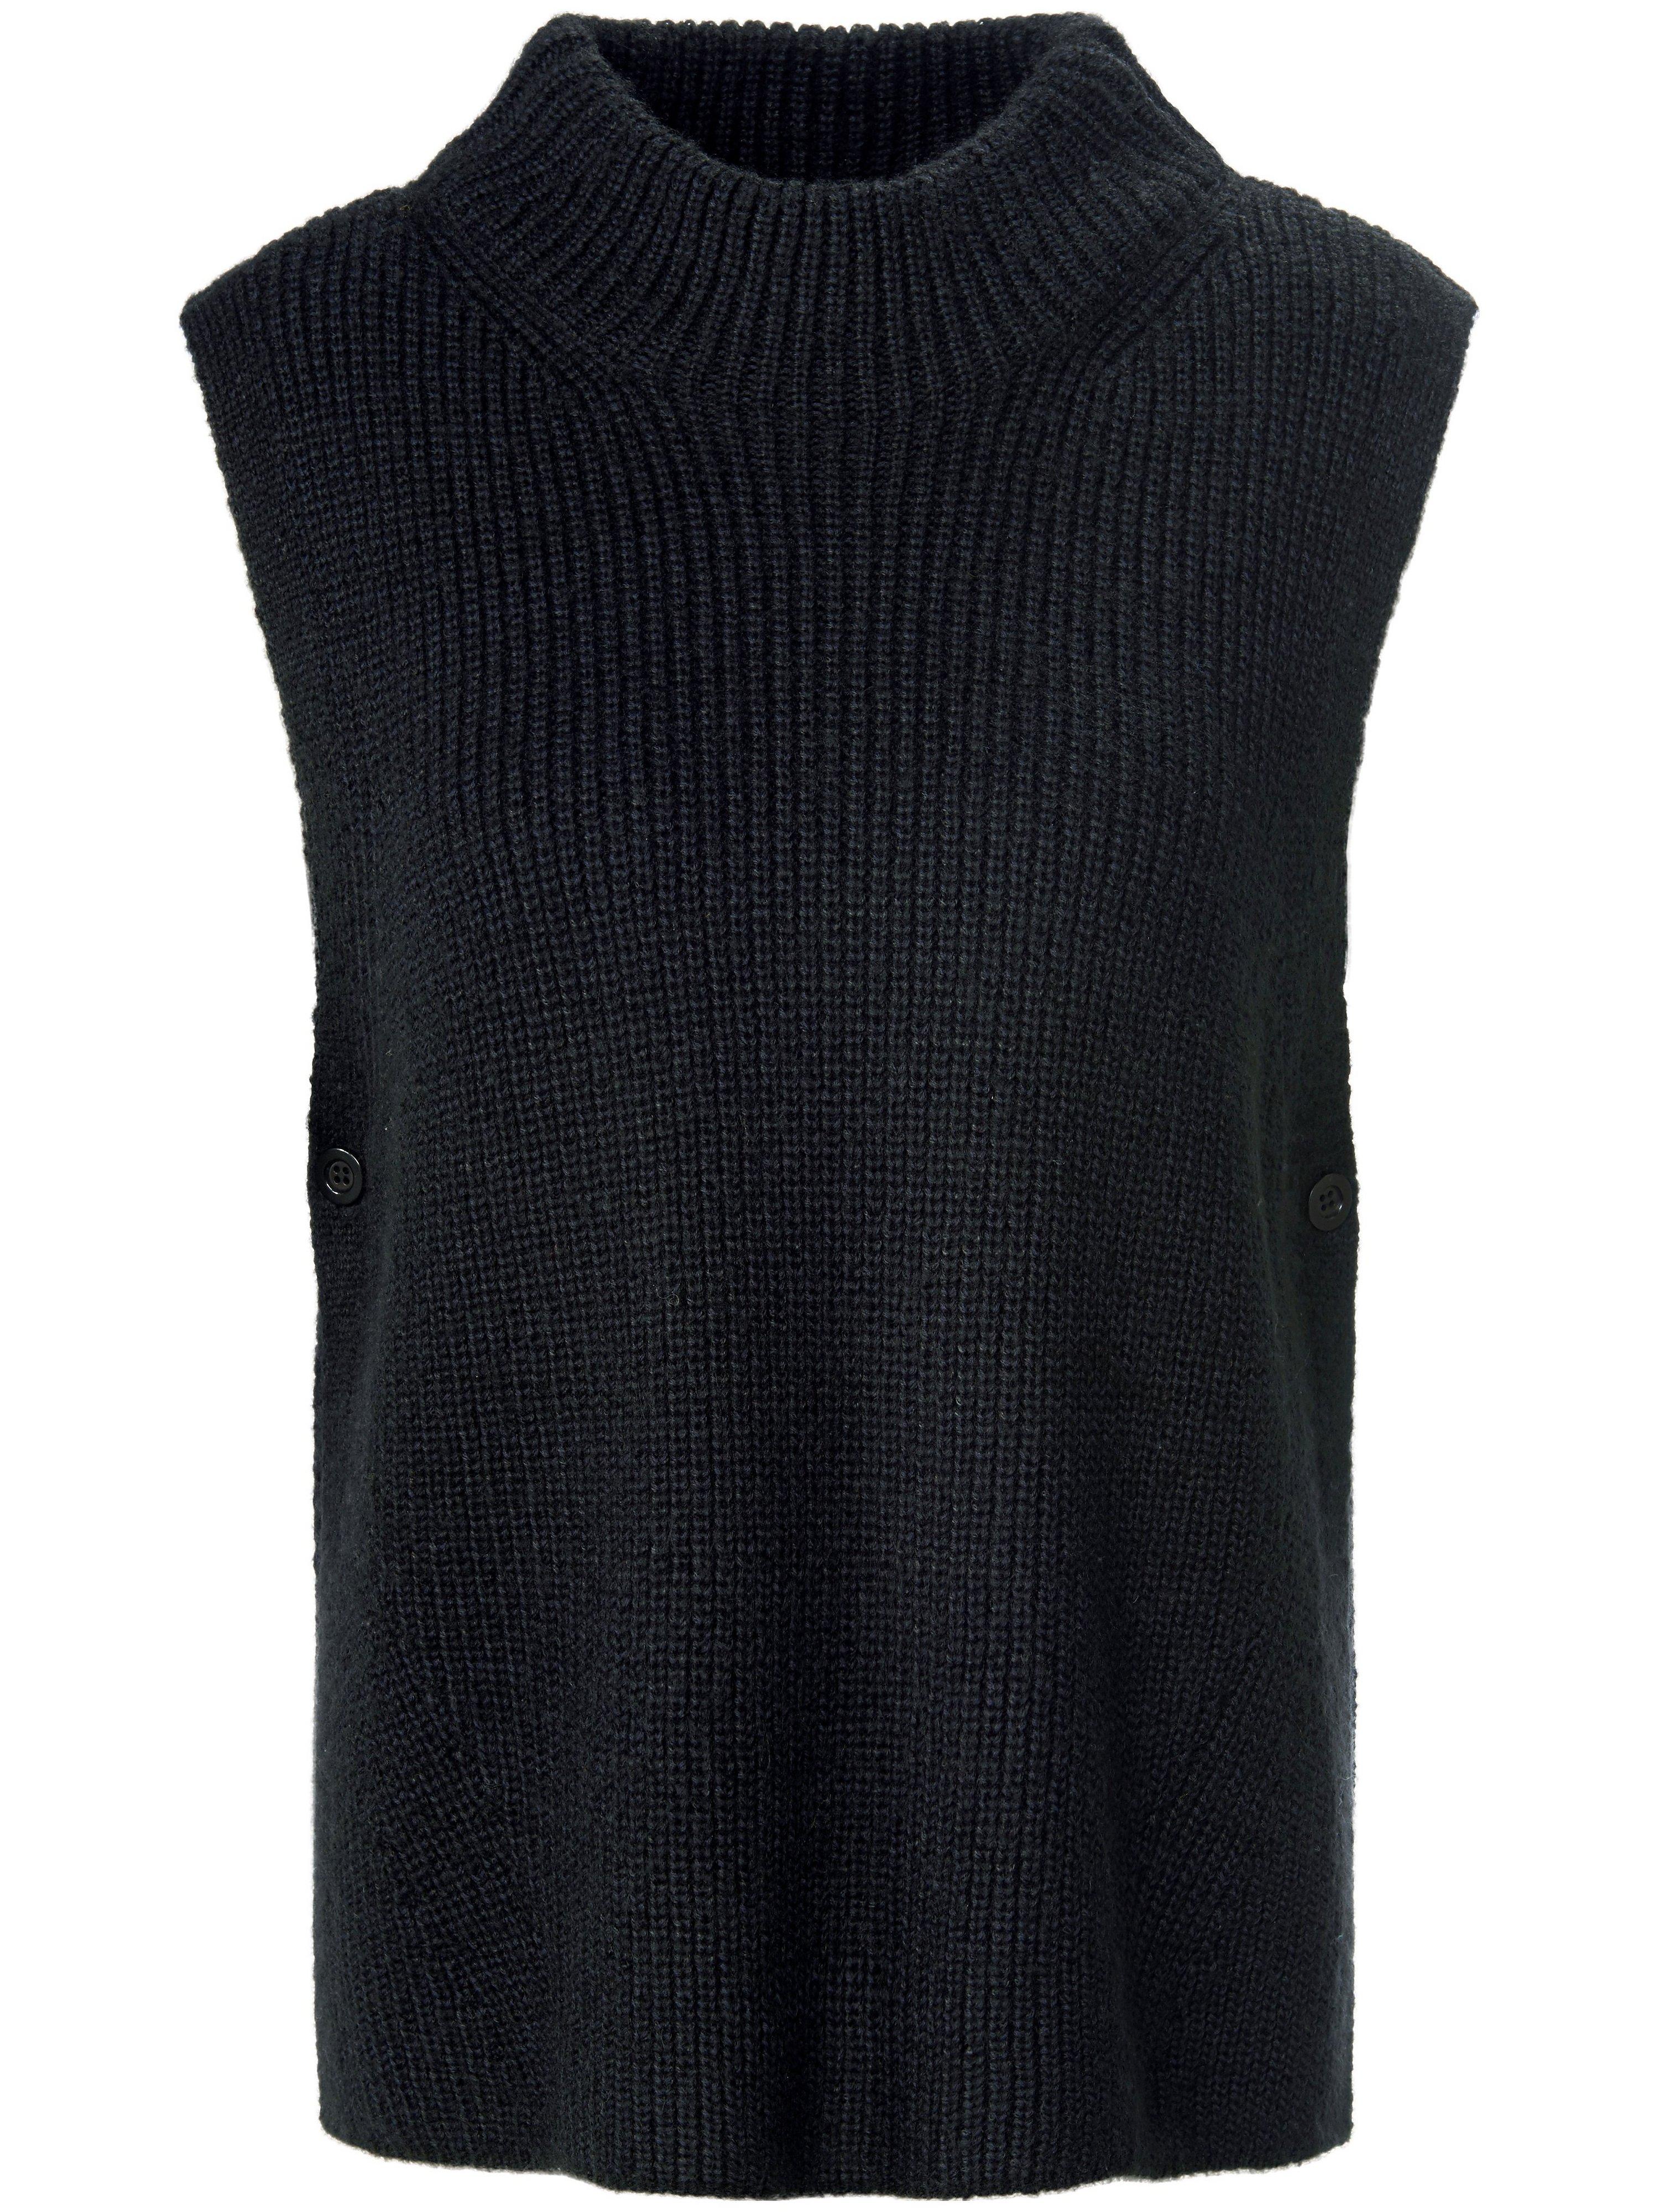 Slip-over sierknoop bij de open zijkanten Van MYBC zwart